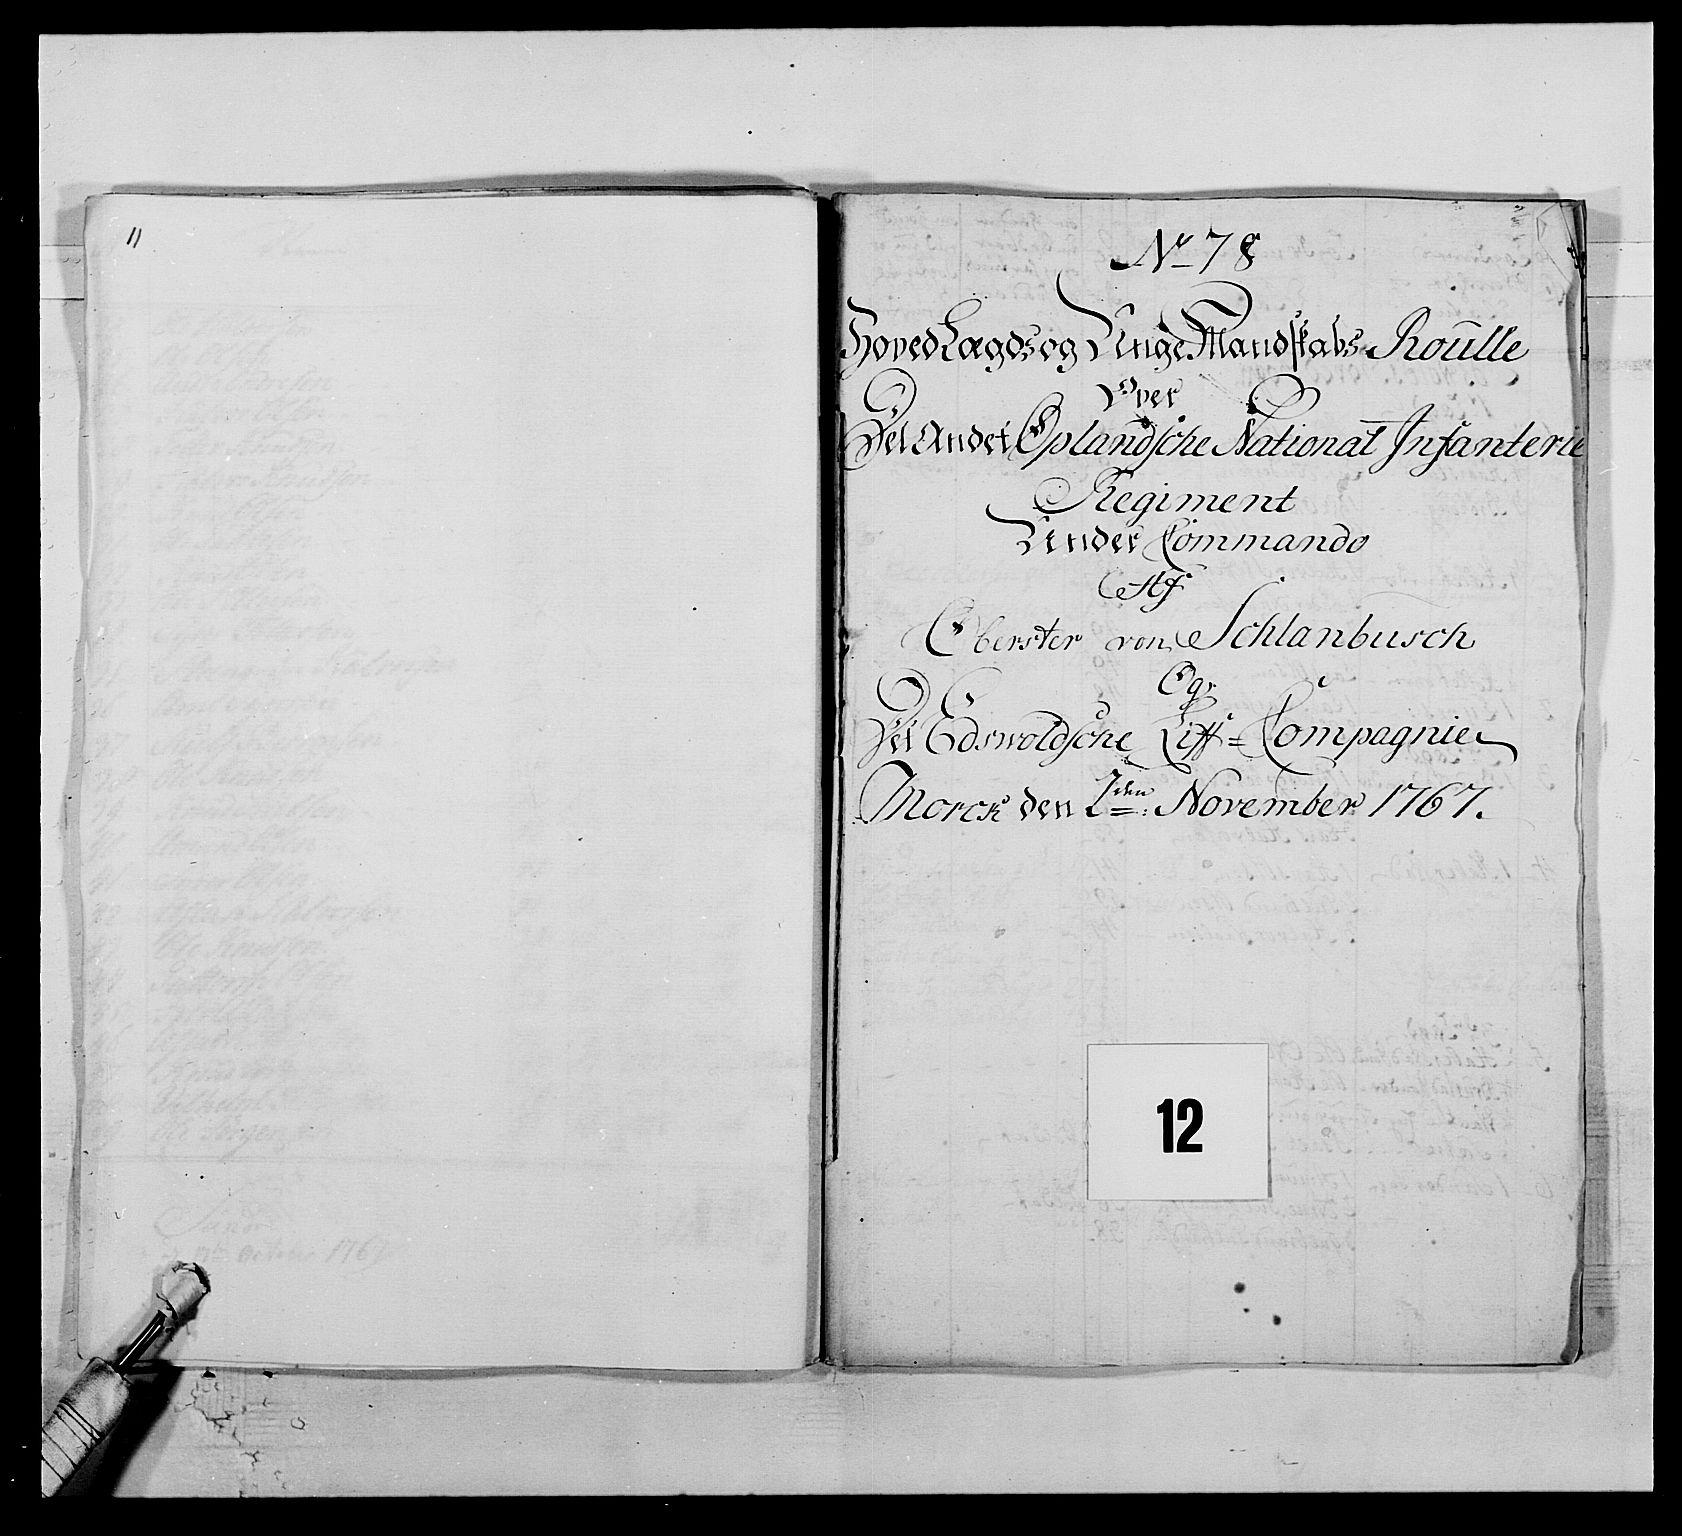 RA, Kommanderende general (KG I) med Det norske krigsdirektorium, E/Ea/L0507: 2. Opplandske regiment, 1766-1767, s. 257